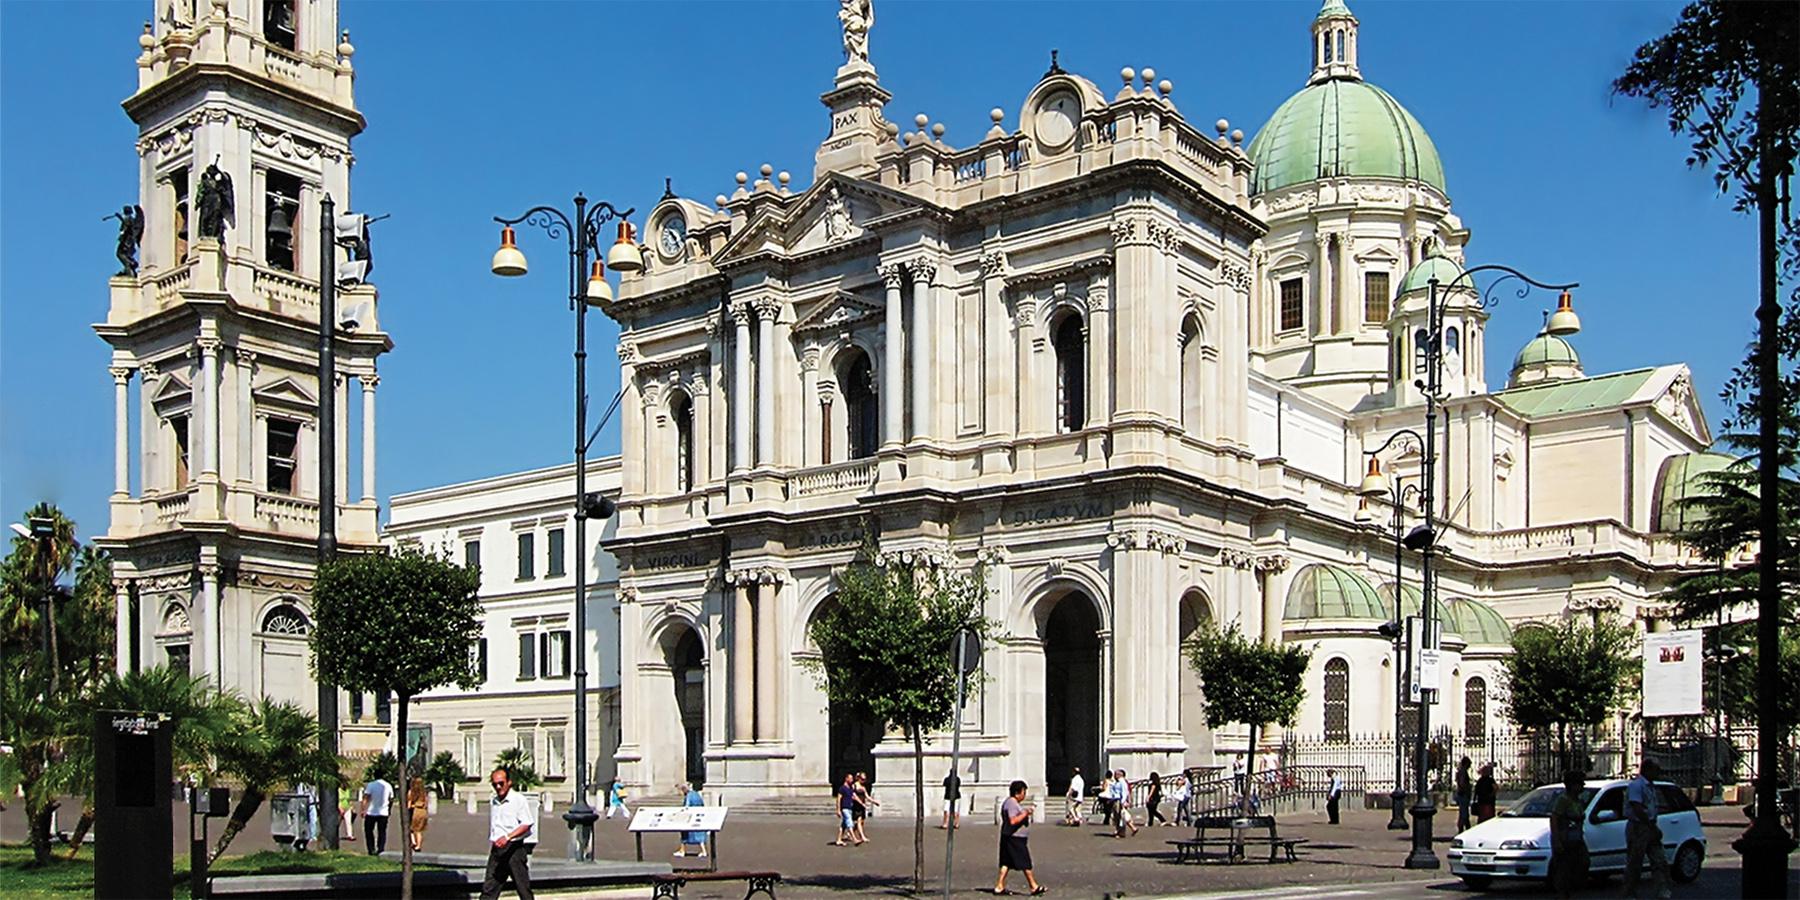 Il nostro progetto audio scelto fra sette concorrenti – Santuario della Beata Vergine del Rosario di Pompei